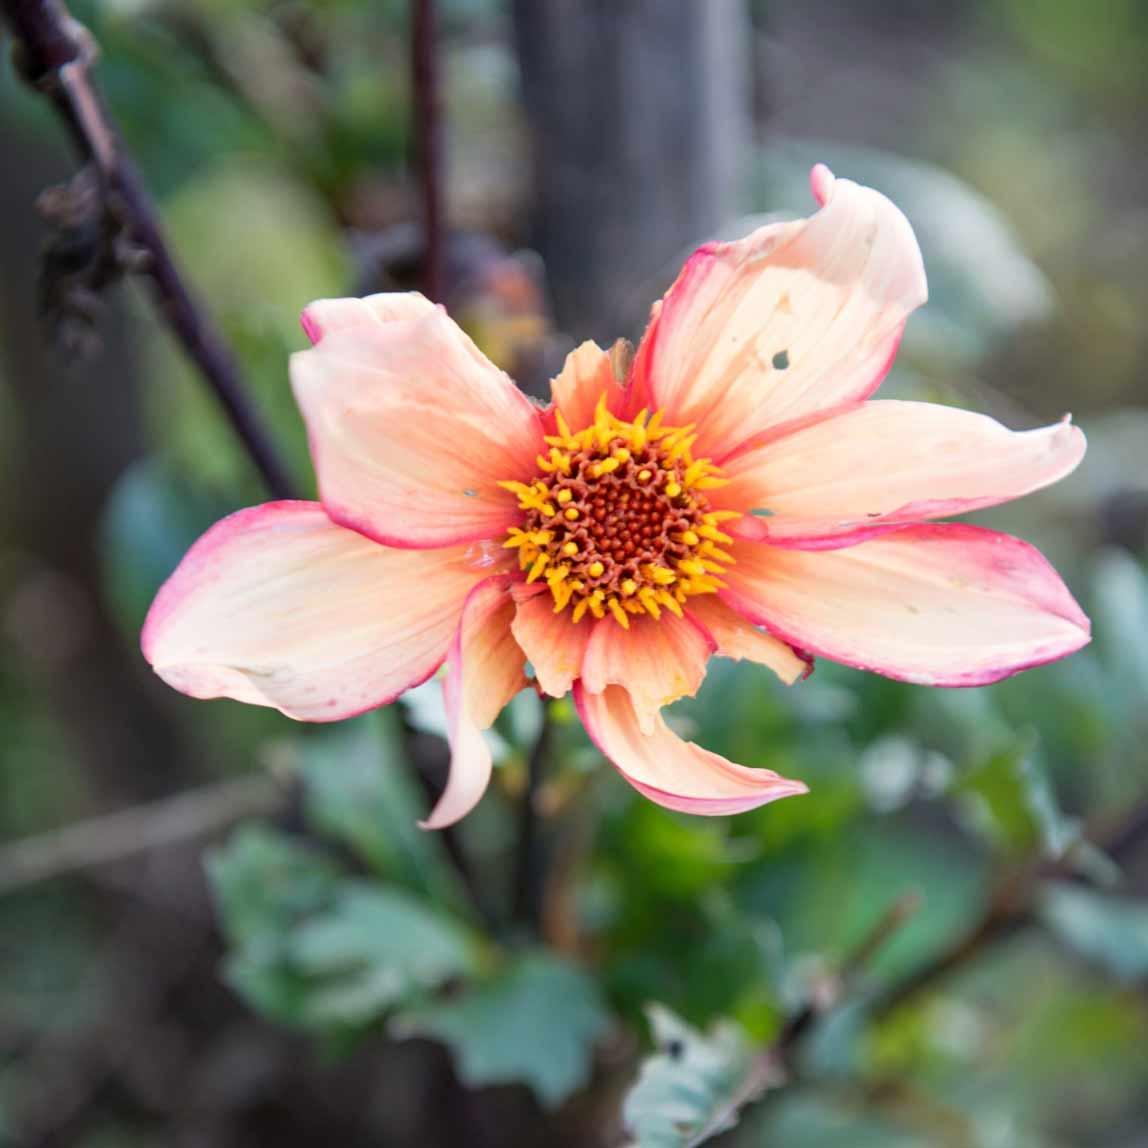 Suze Peters Lezingen Plaagdieren essentieel voor biodiversiteit in de tuin